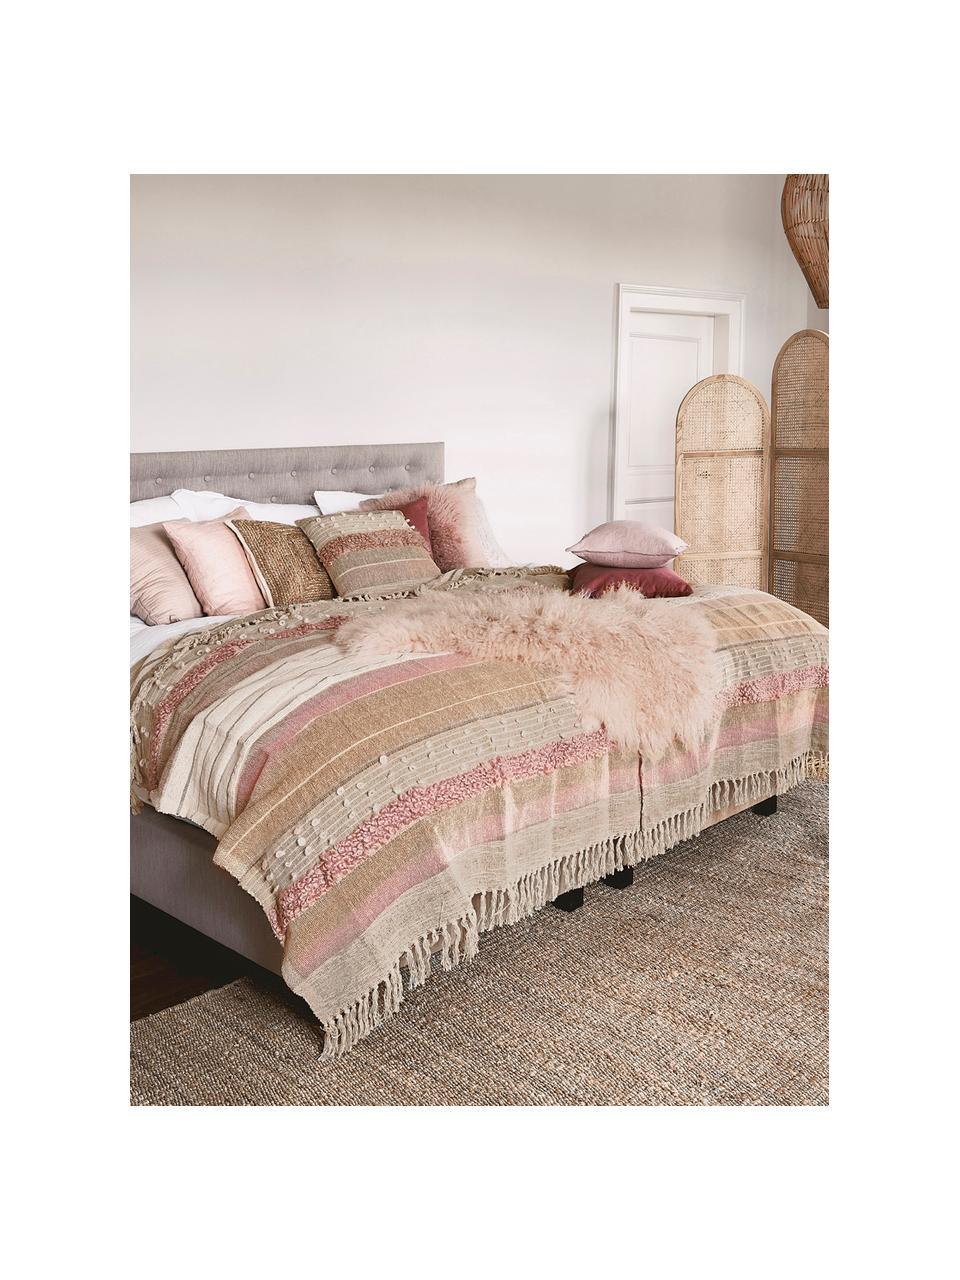 Plaid Madison in Rosa/Beige mit Lurexfäden, 75% Baumwolle, 25% Acryl, 5%Lurexfäden, Beige, Pink, Weiß, 130 x 170 cm